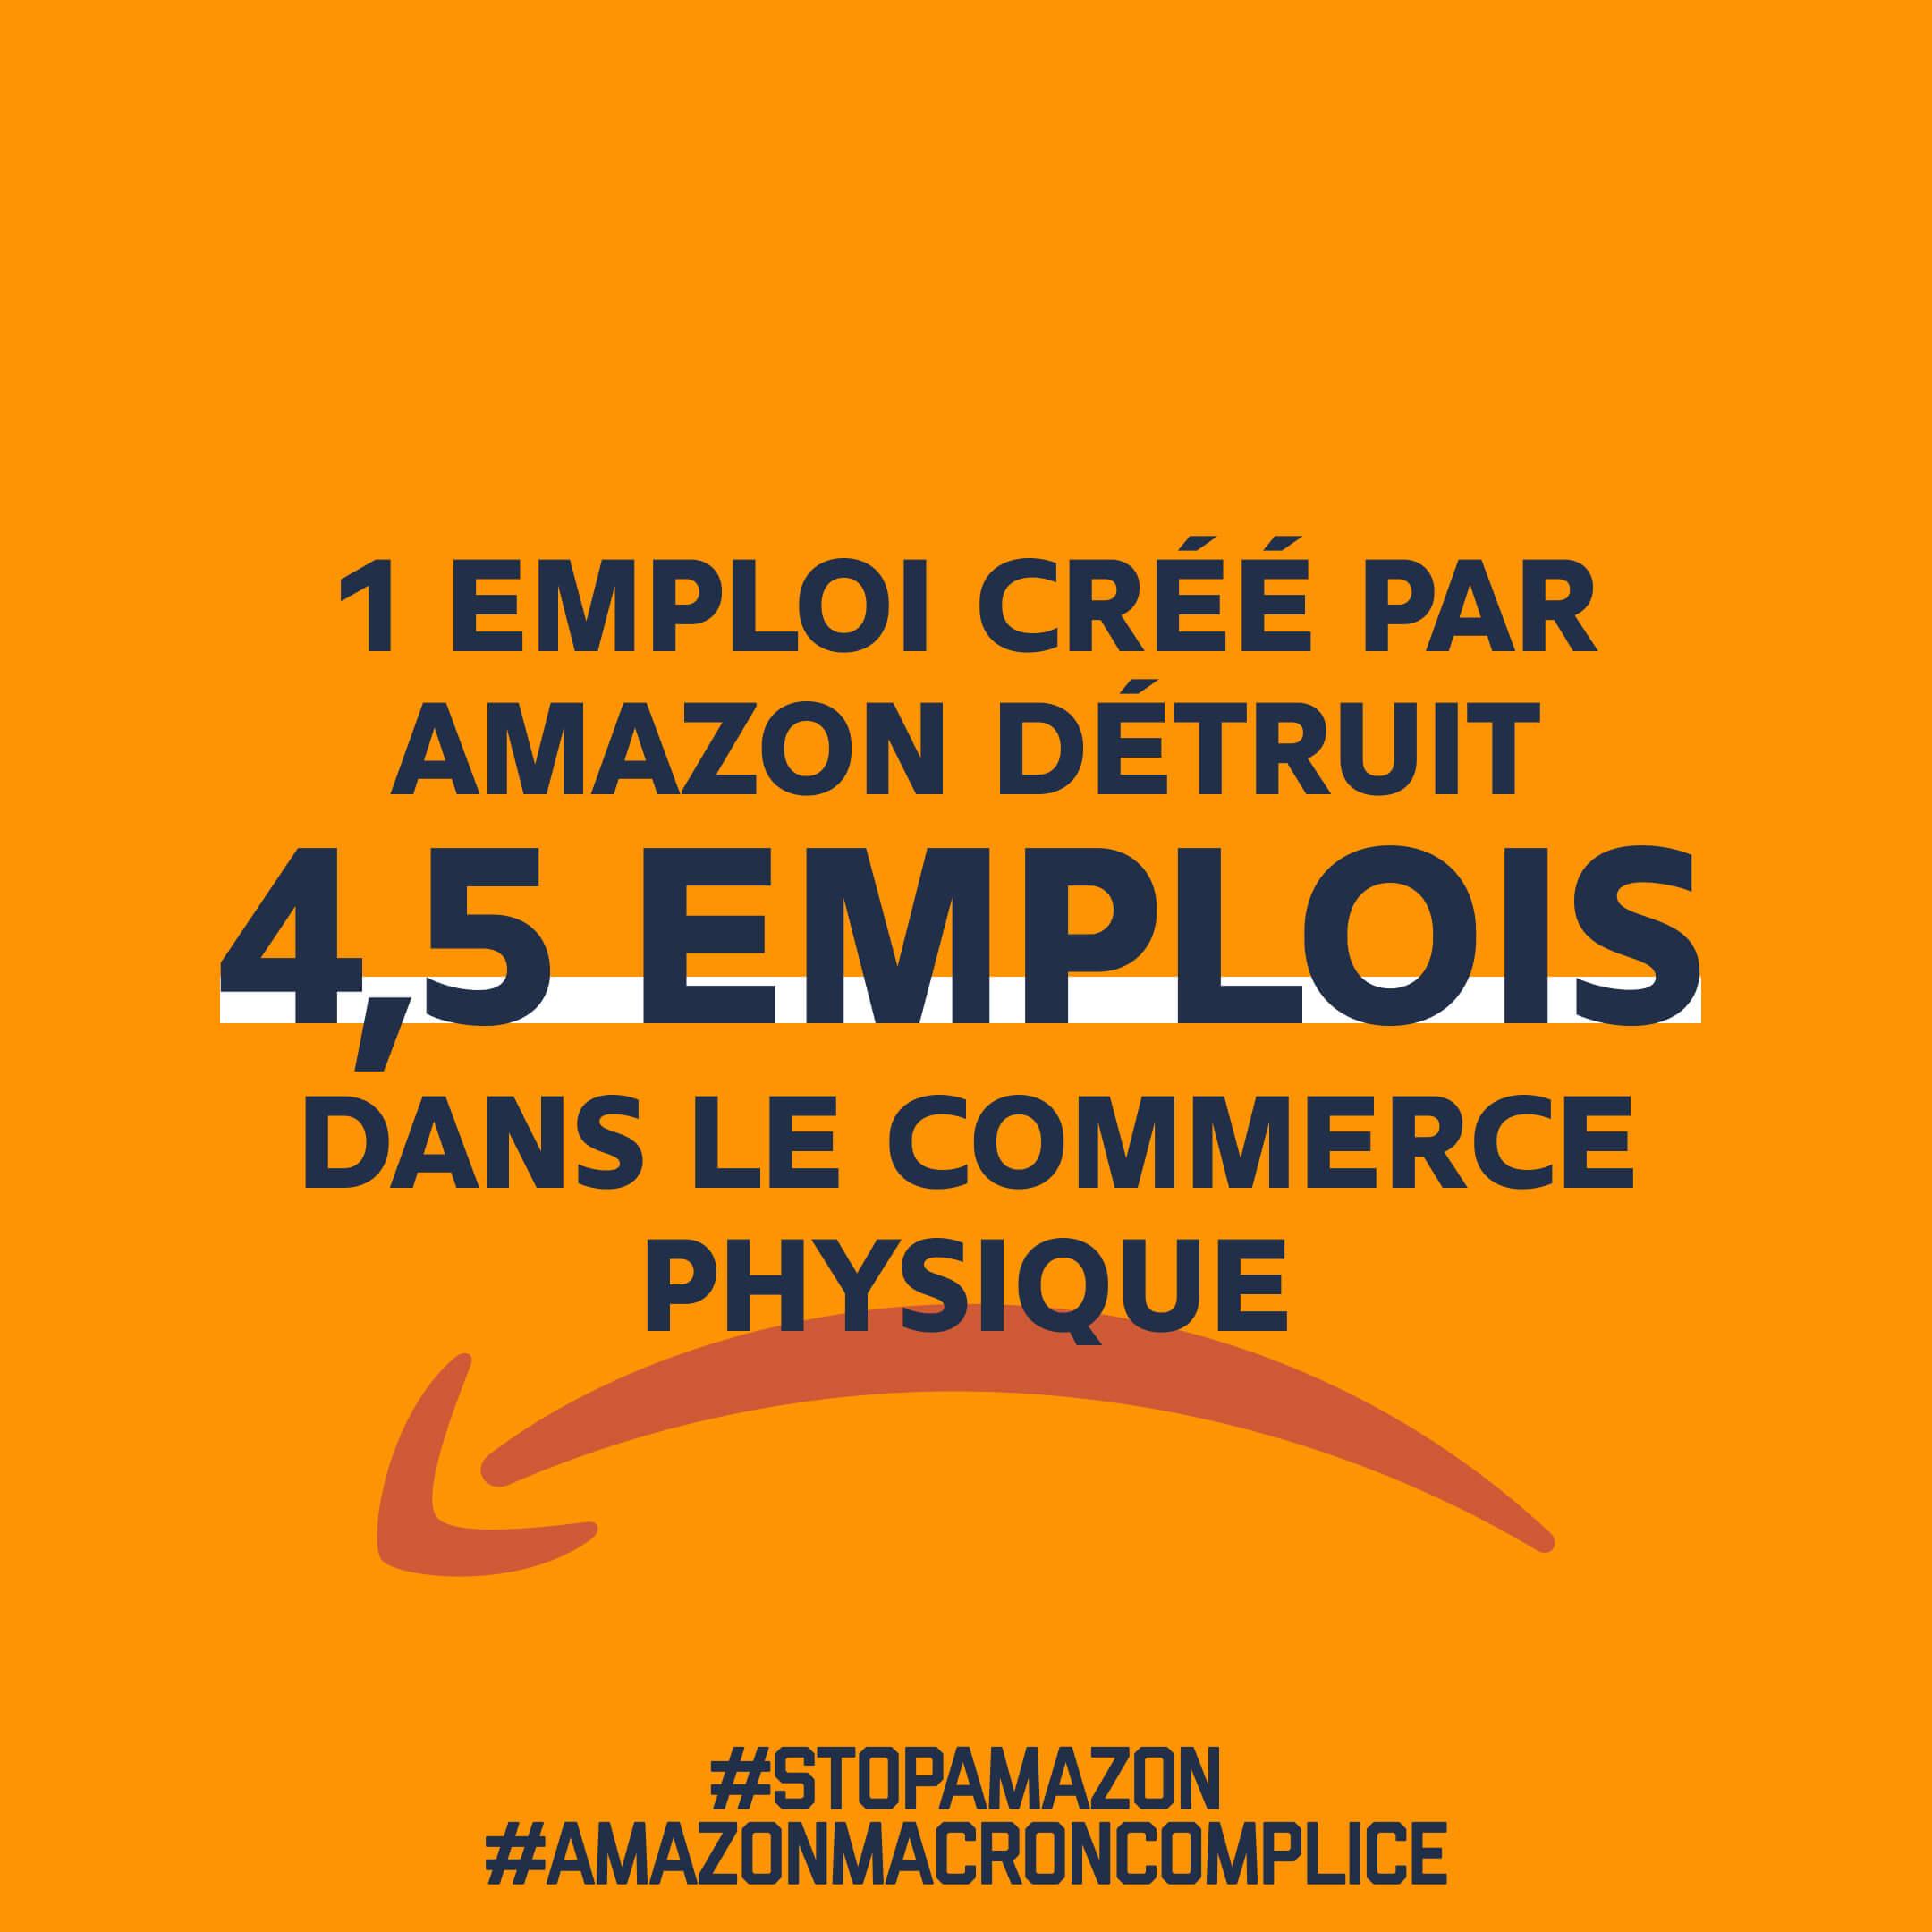 1 emploi créé par Amazon détruit 4,5 emplois